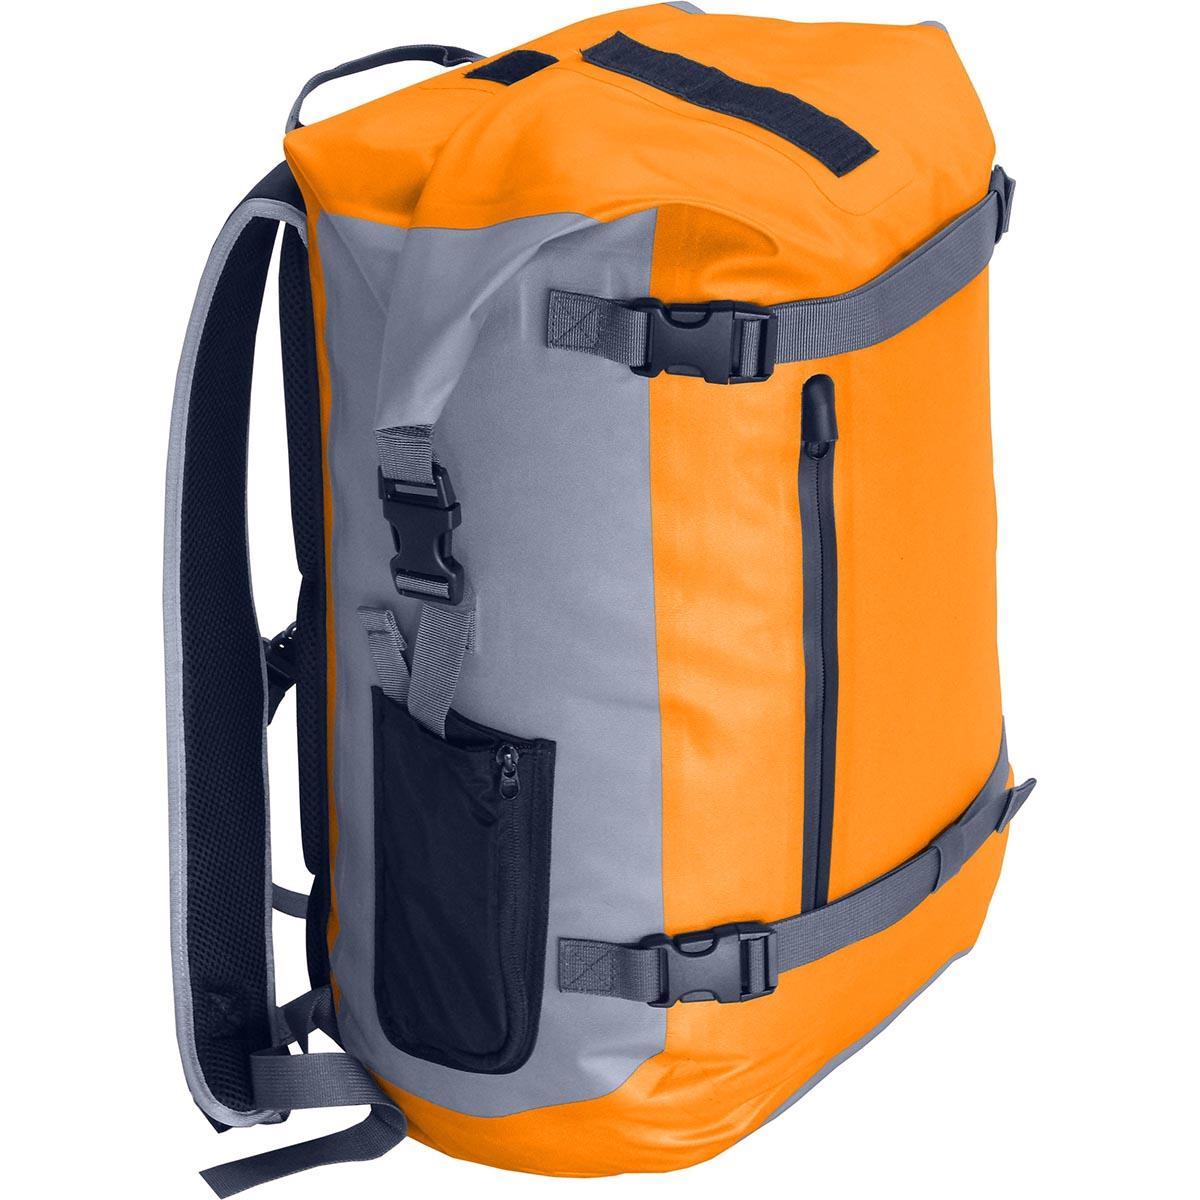 Герморюкзак NOVA TOUR Геккон 40, цвет: серый, оранжевый, 40 л95157-471-00Полностью герметичный рюкзак объемом 40 литров, с фронтальными стяжками, влагозащищенным фронтальным карманом и небольшими боковыми карманами. 100% защита от воды; Ткань 300D Polyester TPU. Грудная стяжка. Влагозащитная молния. Вес: (кг) 0,97. Объем; (л) 40. Ширина спинки: 30 см. Высота спинки: 48 см. Глубина по дну: 24 см. Максимальная высота: 56 см.